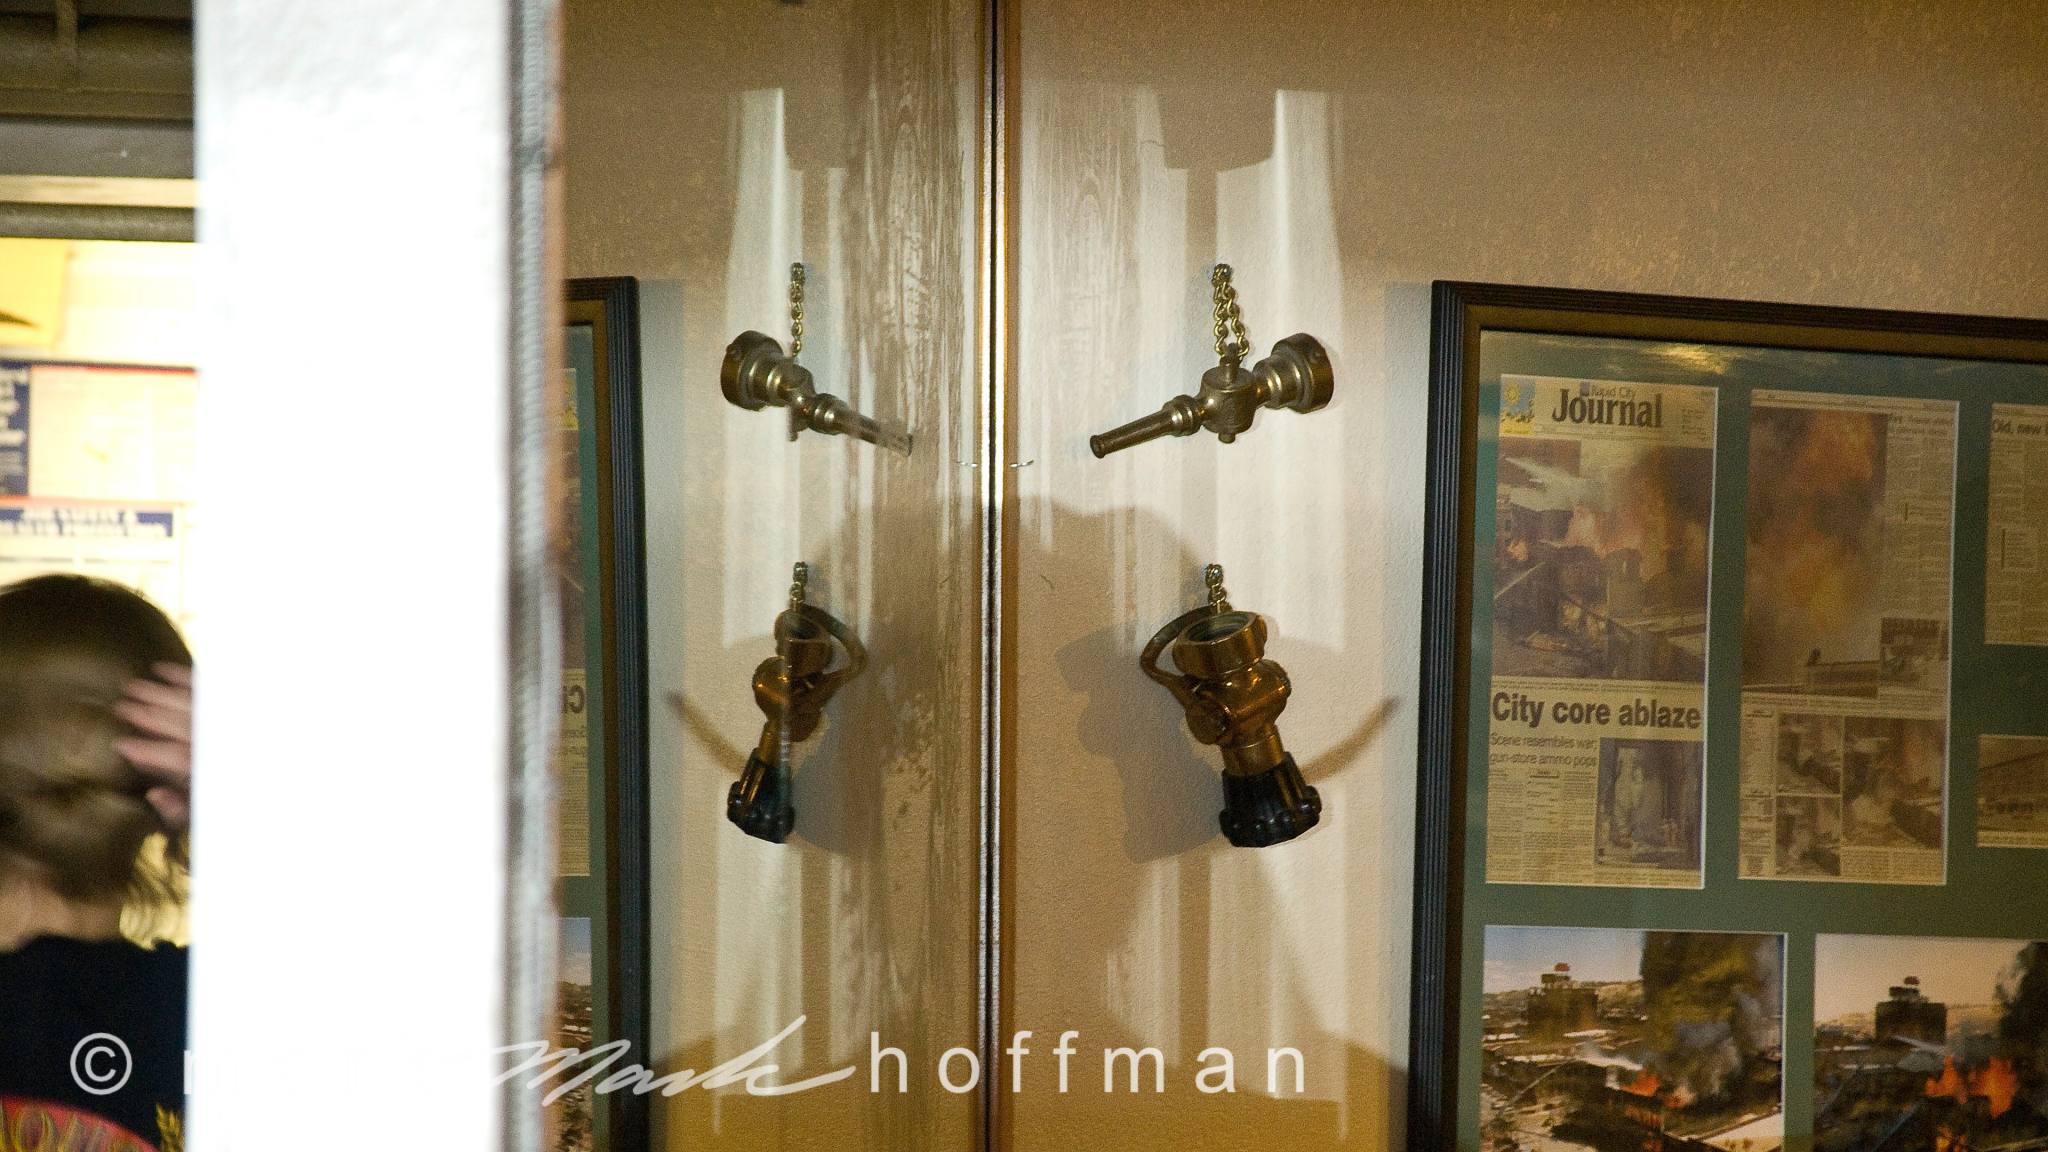 Mark_Hoffman_photophart_ND23007_cap1_var1.jpg